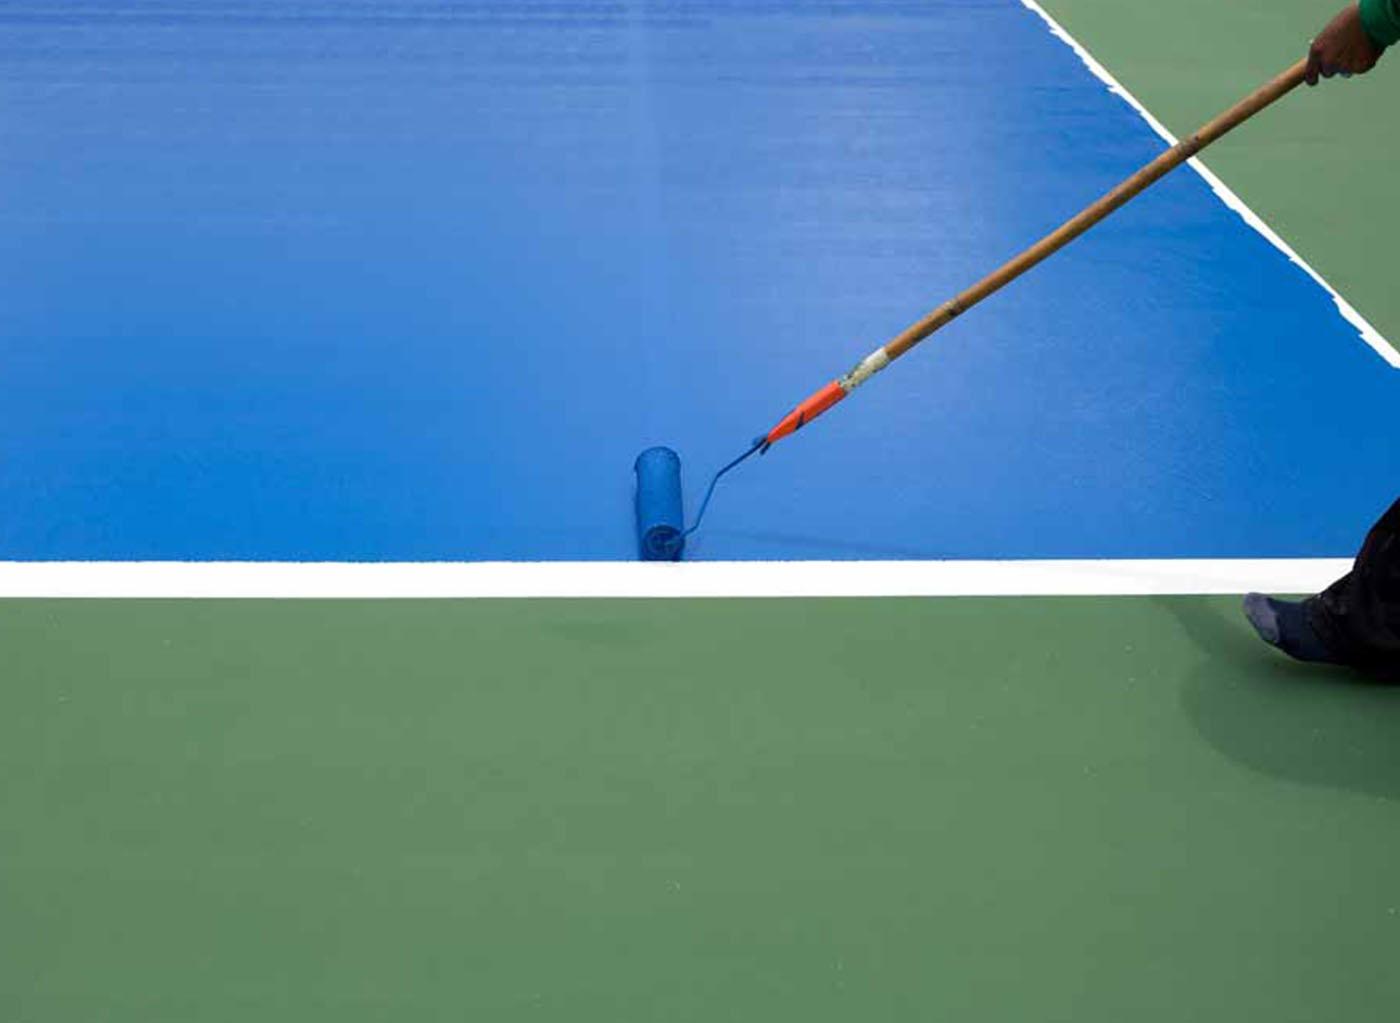 Residential Tennis Court Installation